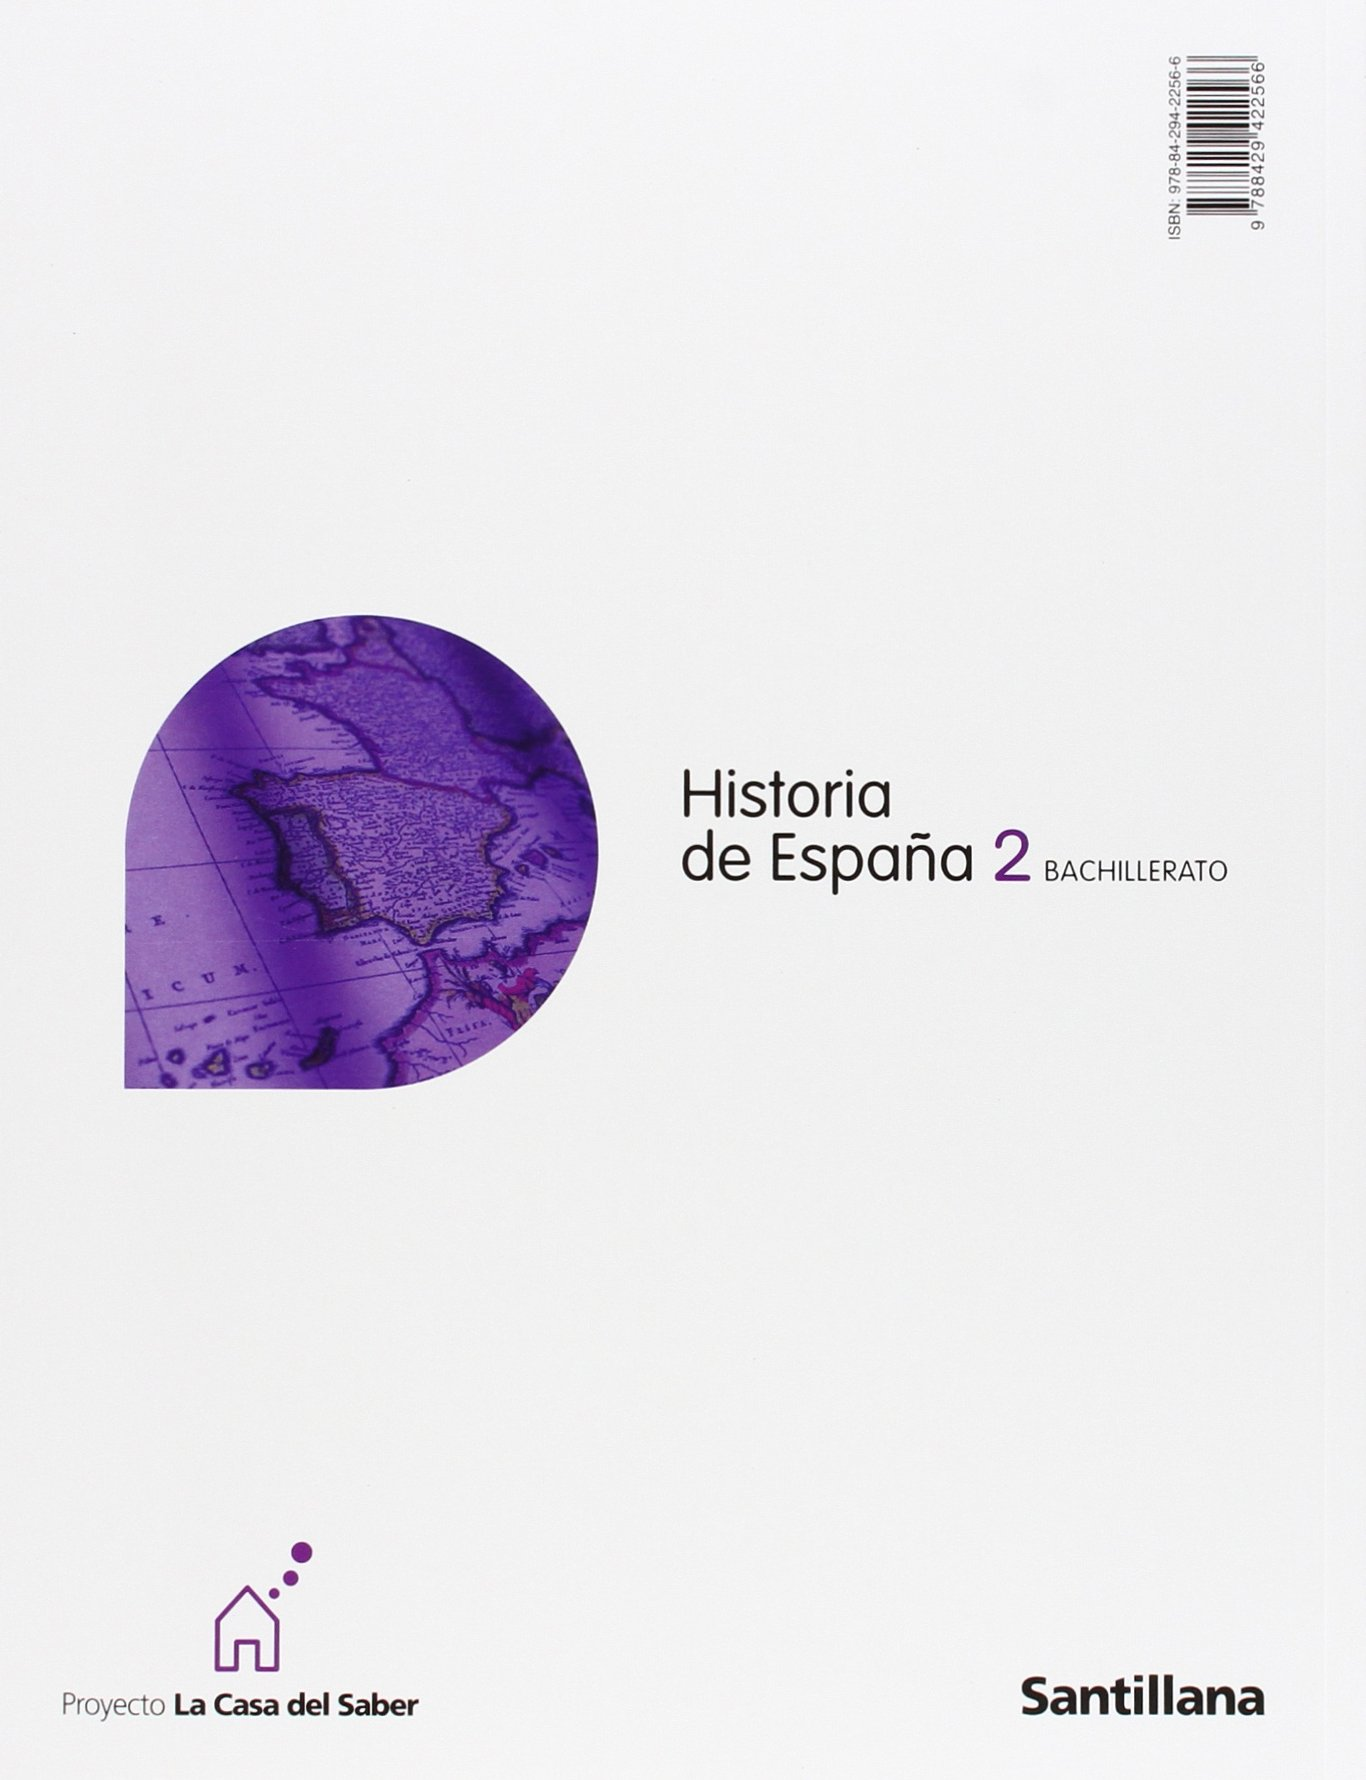 Historia de España La Rioja 2 Bachillerato La Casa Del Saber - 9788429494860: Amazon.es: Aa.Vv.: Libros